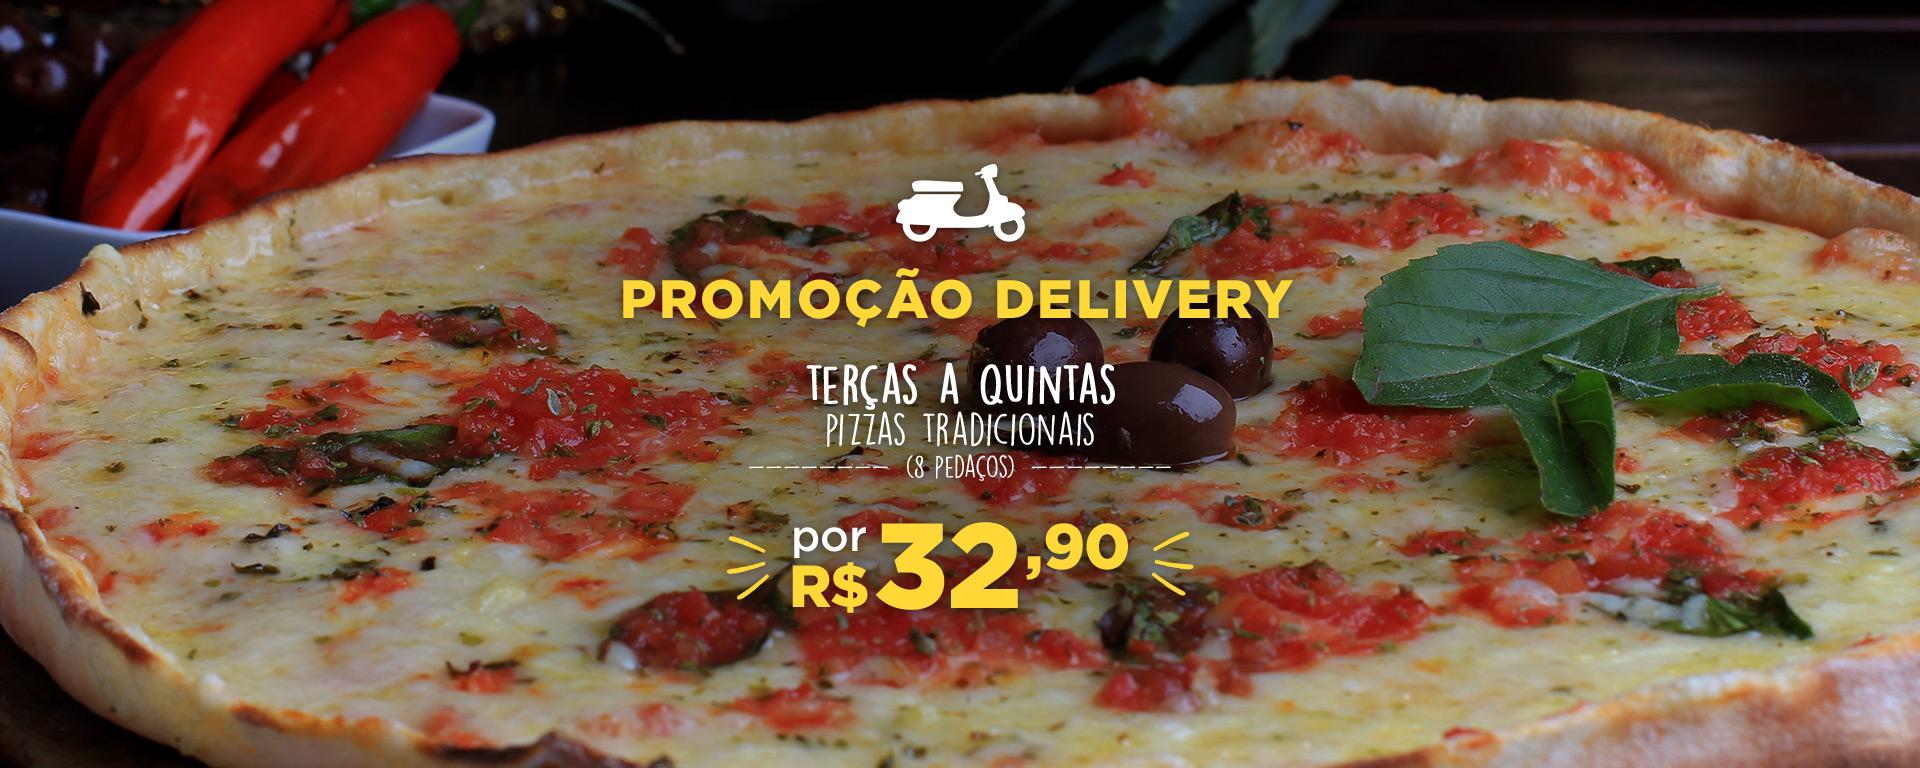 Promoção Delivery